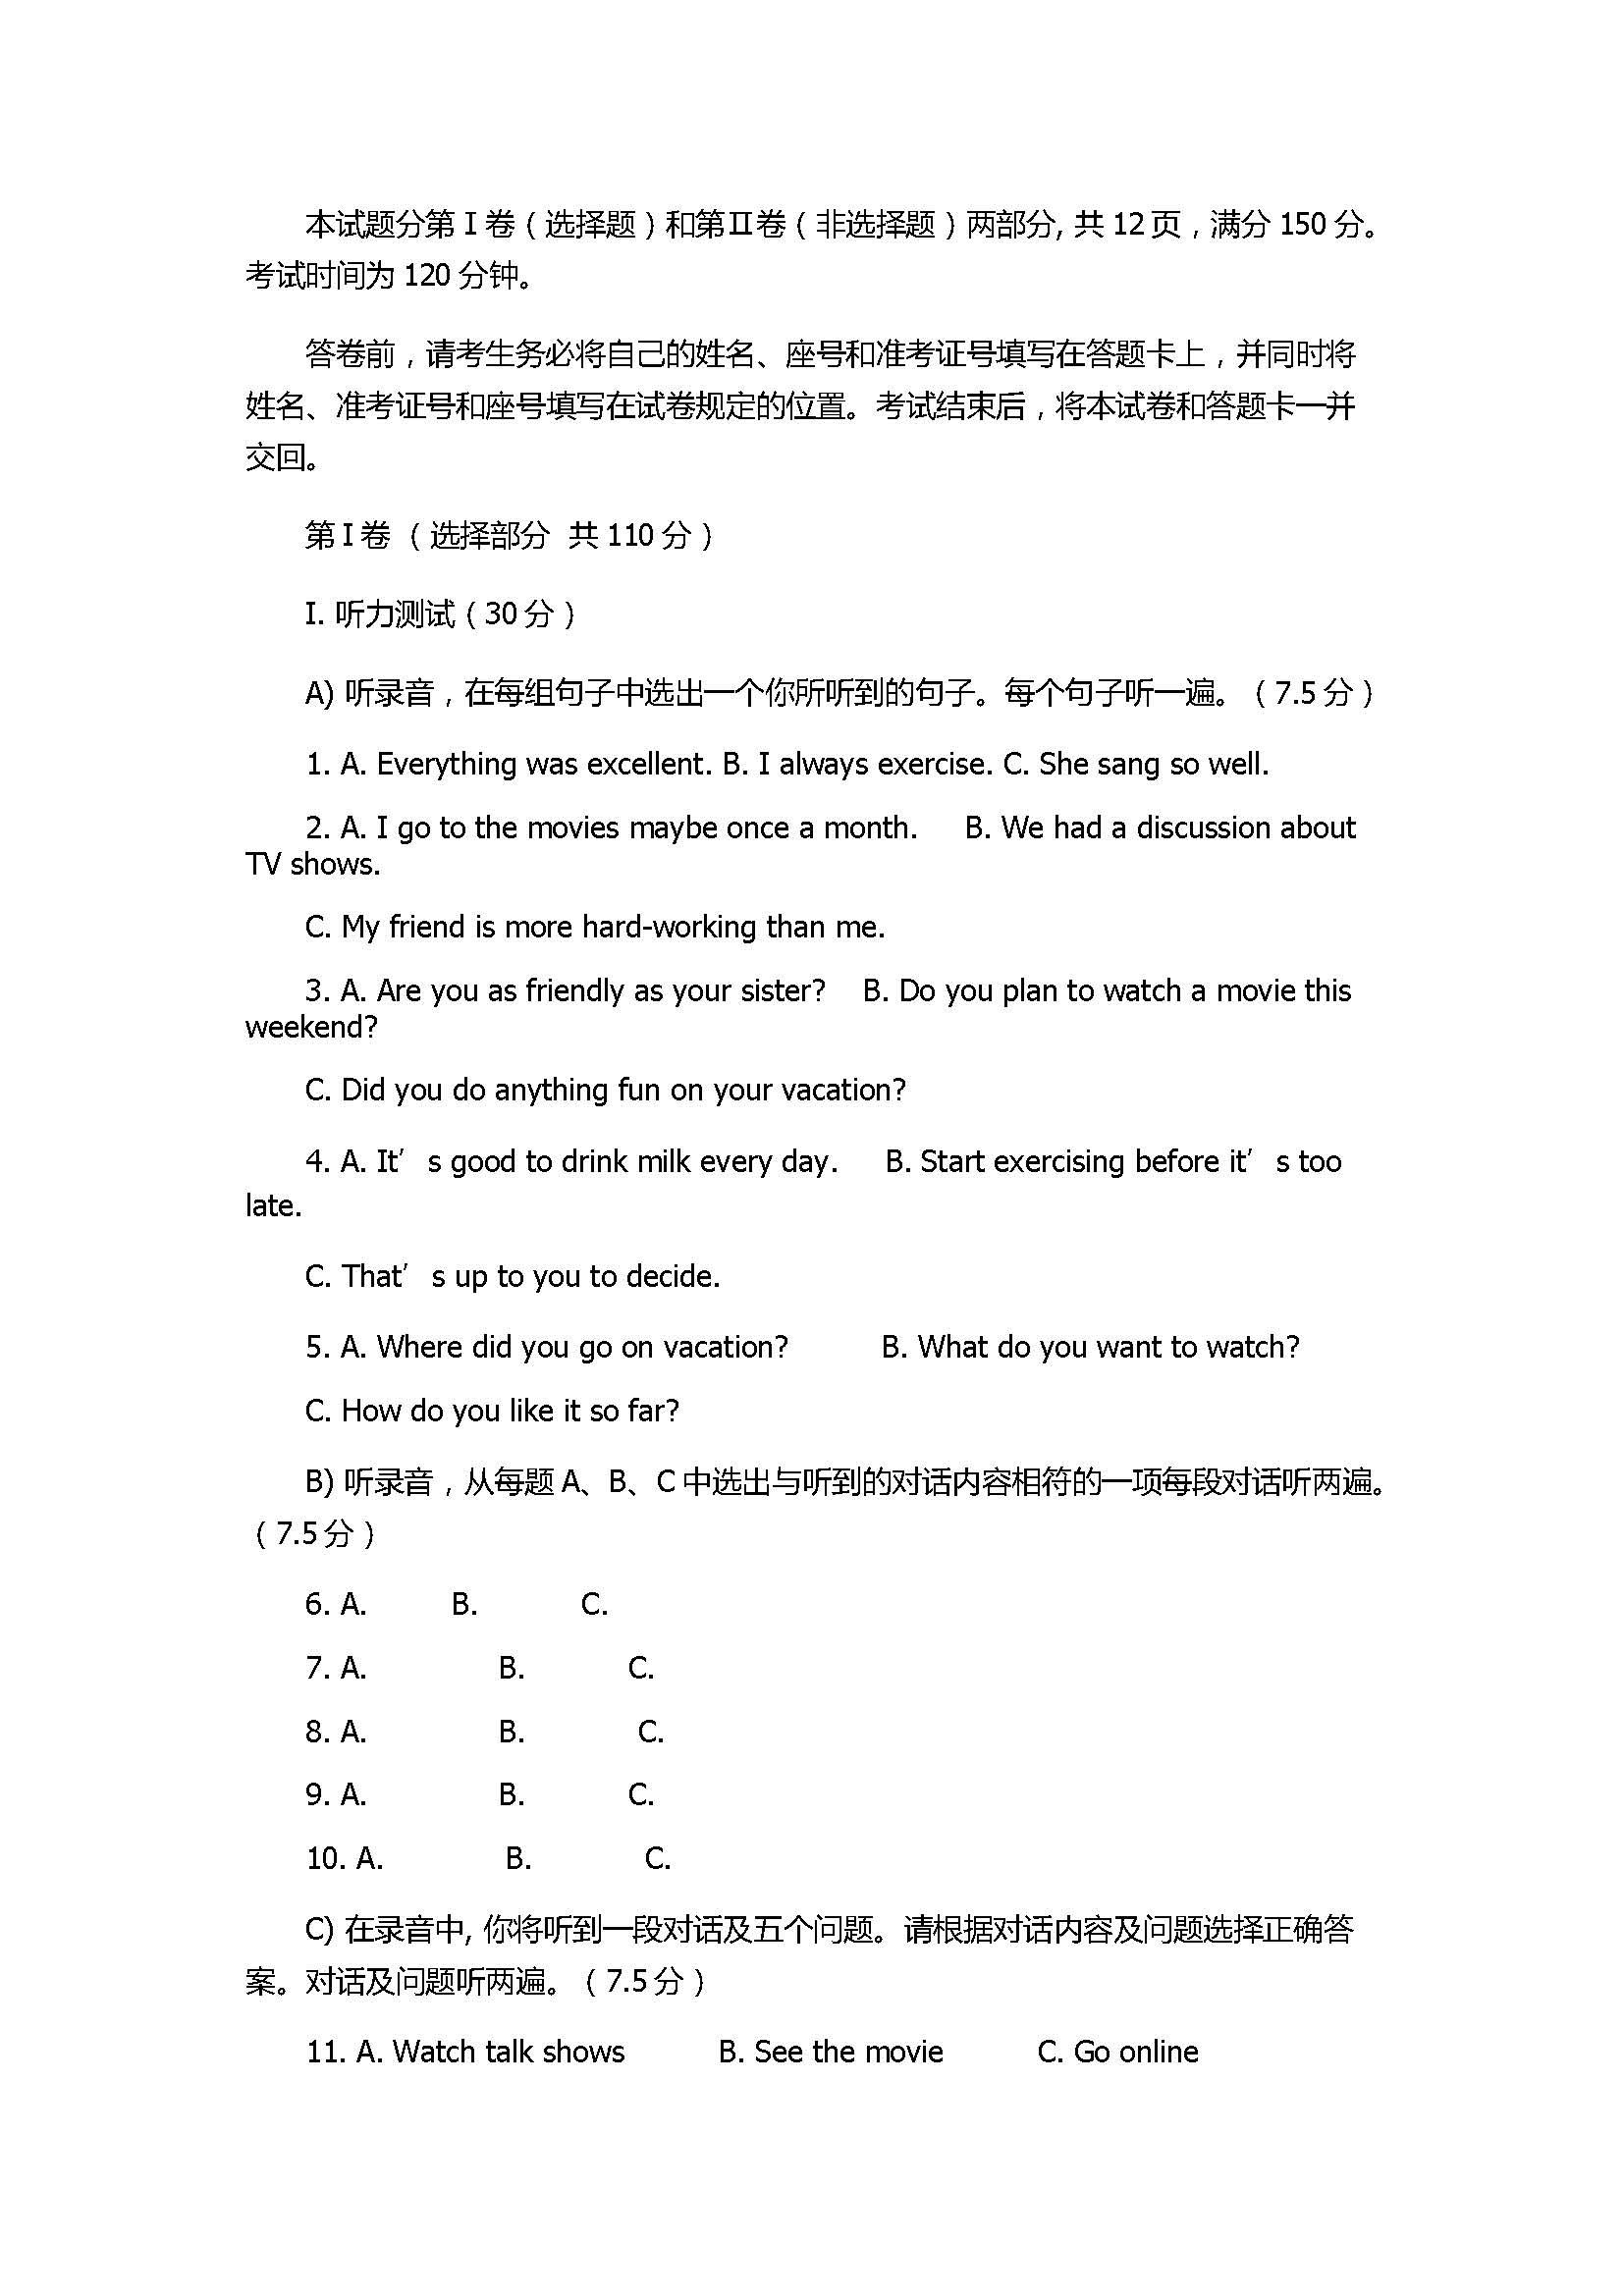 2017八年级英语上册期中测试题含答案(济南市槐荫区)